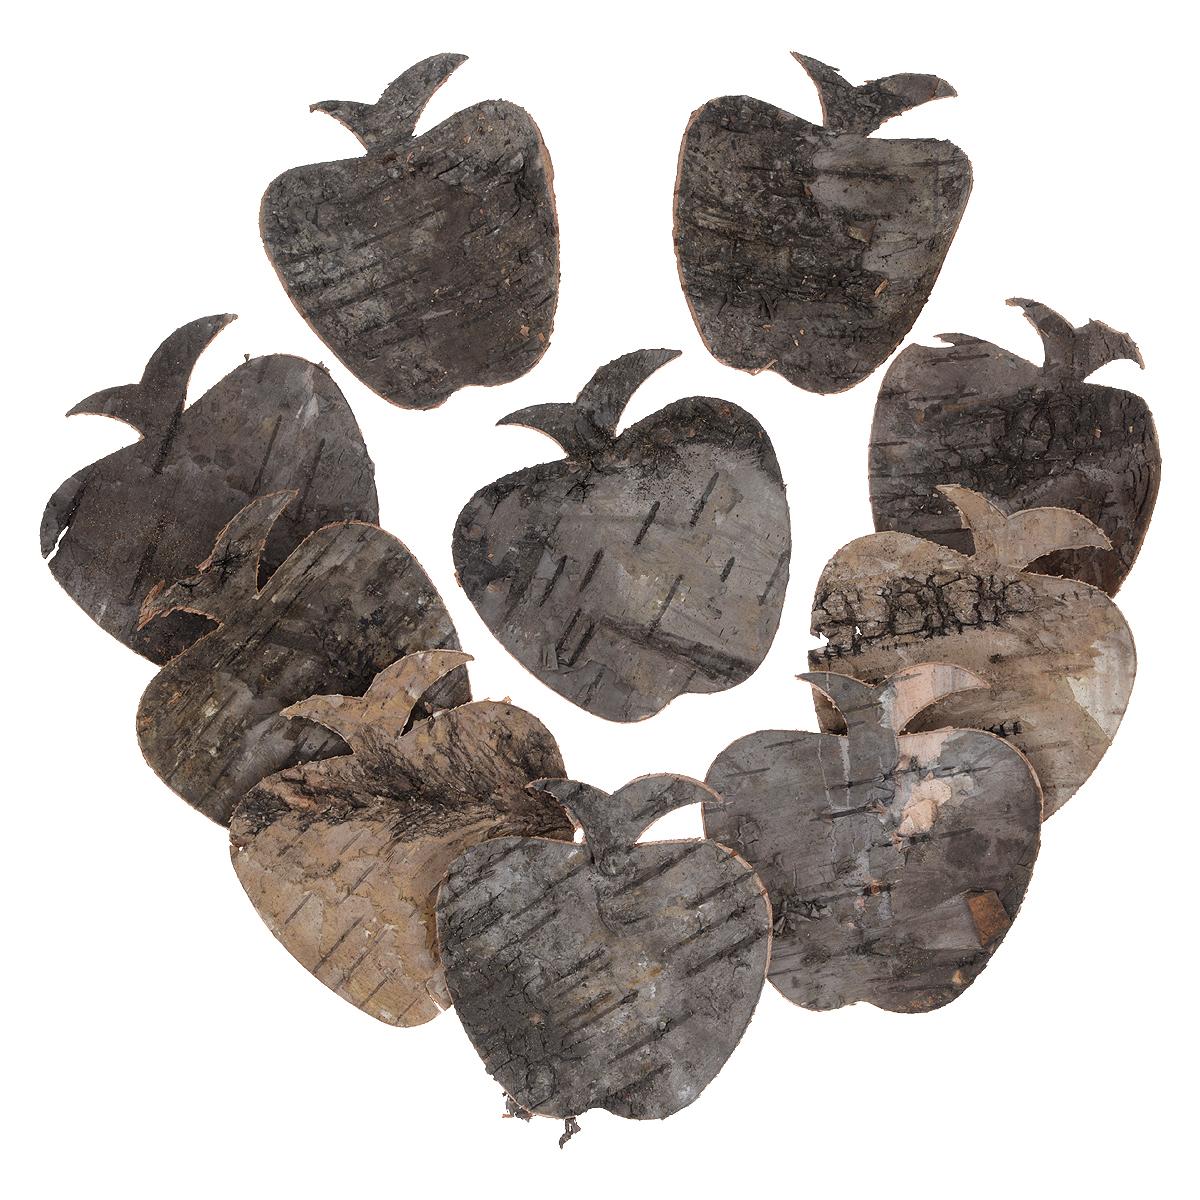 Декоративный элемент Dongjiang Art Яблоко, цвет: серый, бежевый, 8 шт7709016Декоративный элемент Dongjiang Art Яблоко, изготовленный из натуральной коры дерева, предназначен для украшения цветочных композиций. Изделие выполнено в форме яблока, которое можно также использовать в технике скрапбукинг и многом другом. Флористика - вид декоративно-прикладного искусства, который использует живые, засушенные или консервированные природные материалы для создания флористических работ. Это целый мир, в котором есть место и строгому математическому расчету, и вдохновению.